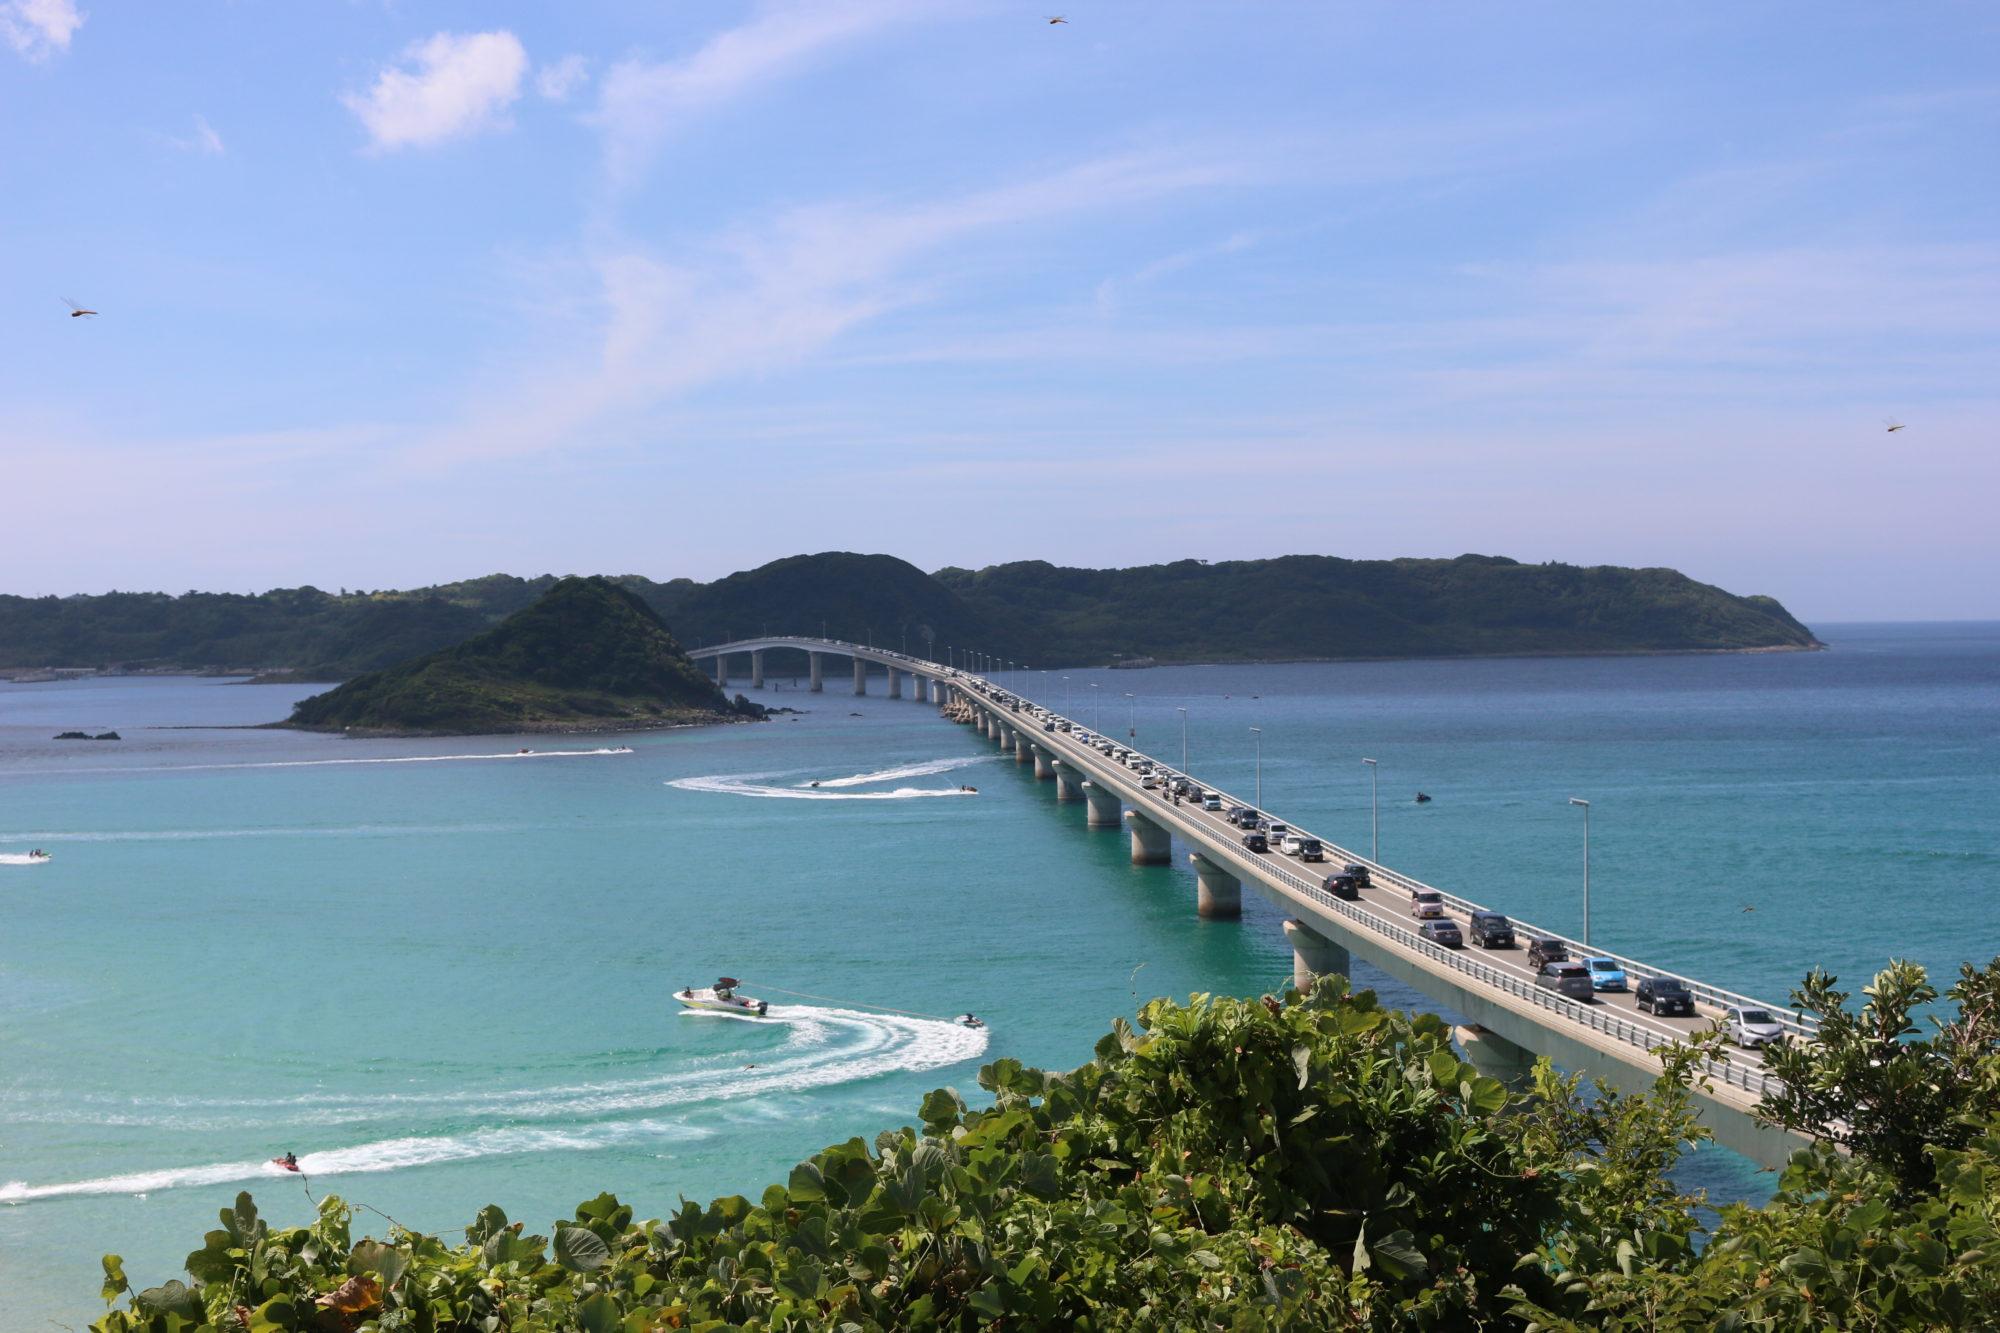 角島大橋を楽しむ〜お盆休みに新山口駅からレンタカーで1泊2日旅〜